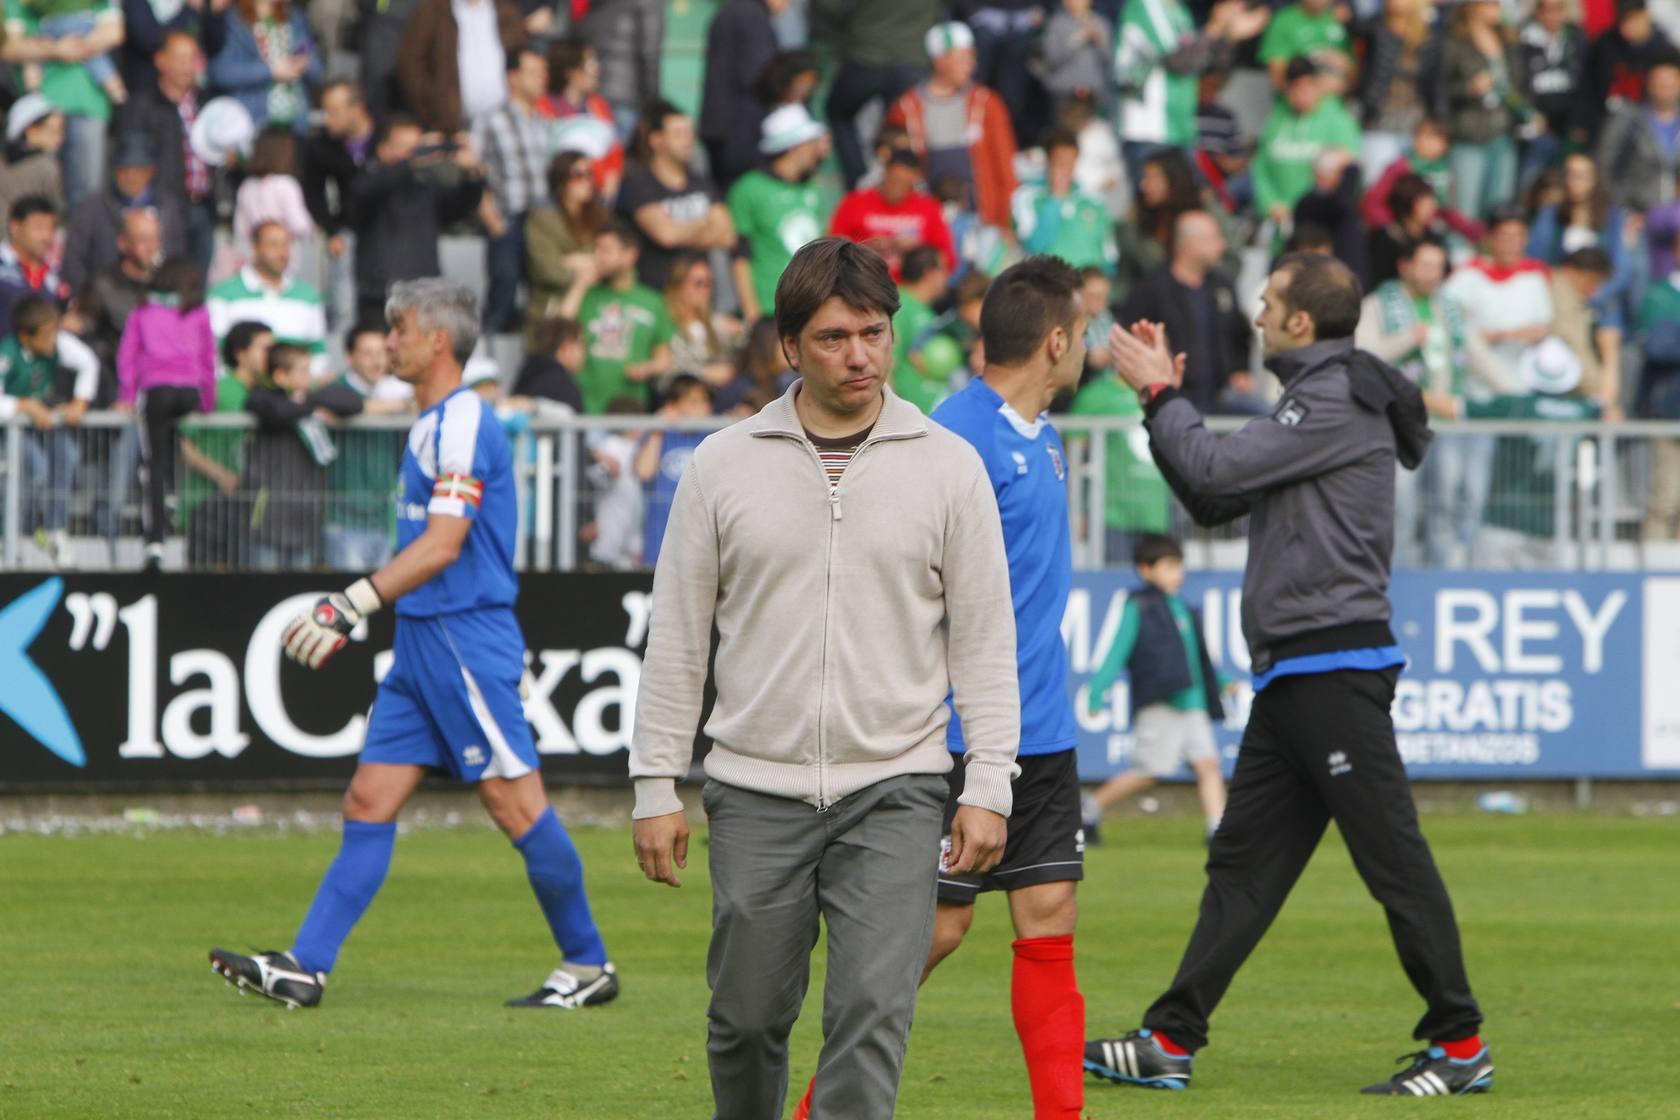 La afición del Laudio acompaña a su equipo a Ferrol